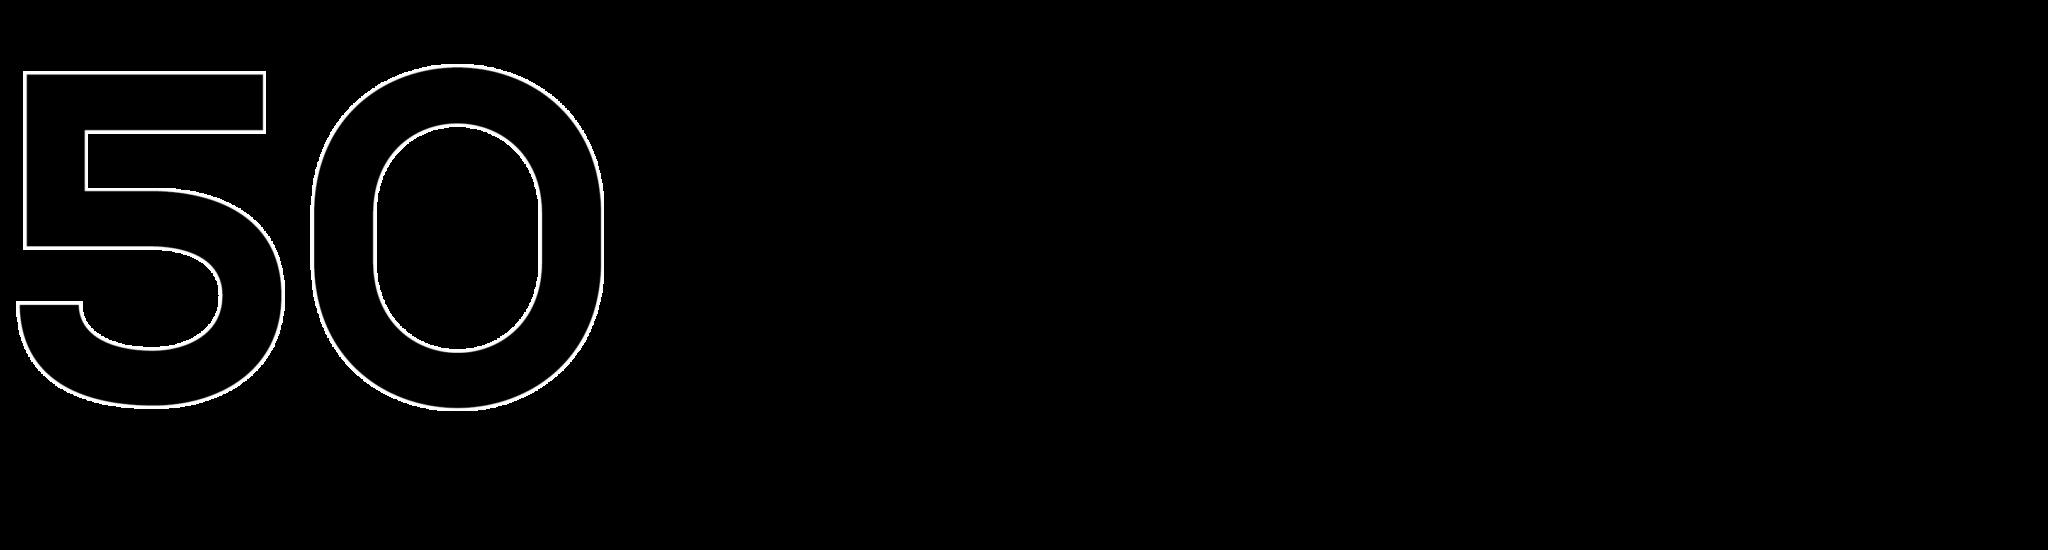 50Gram Logo